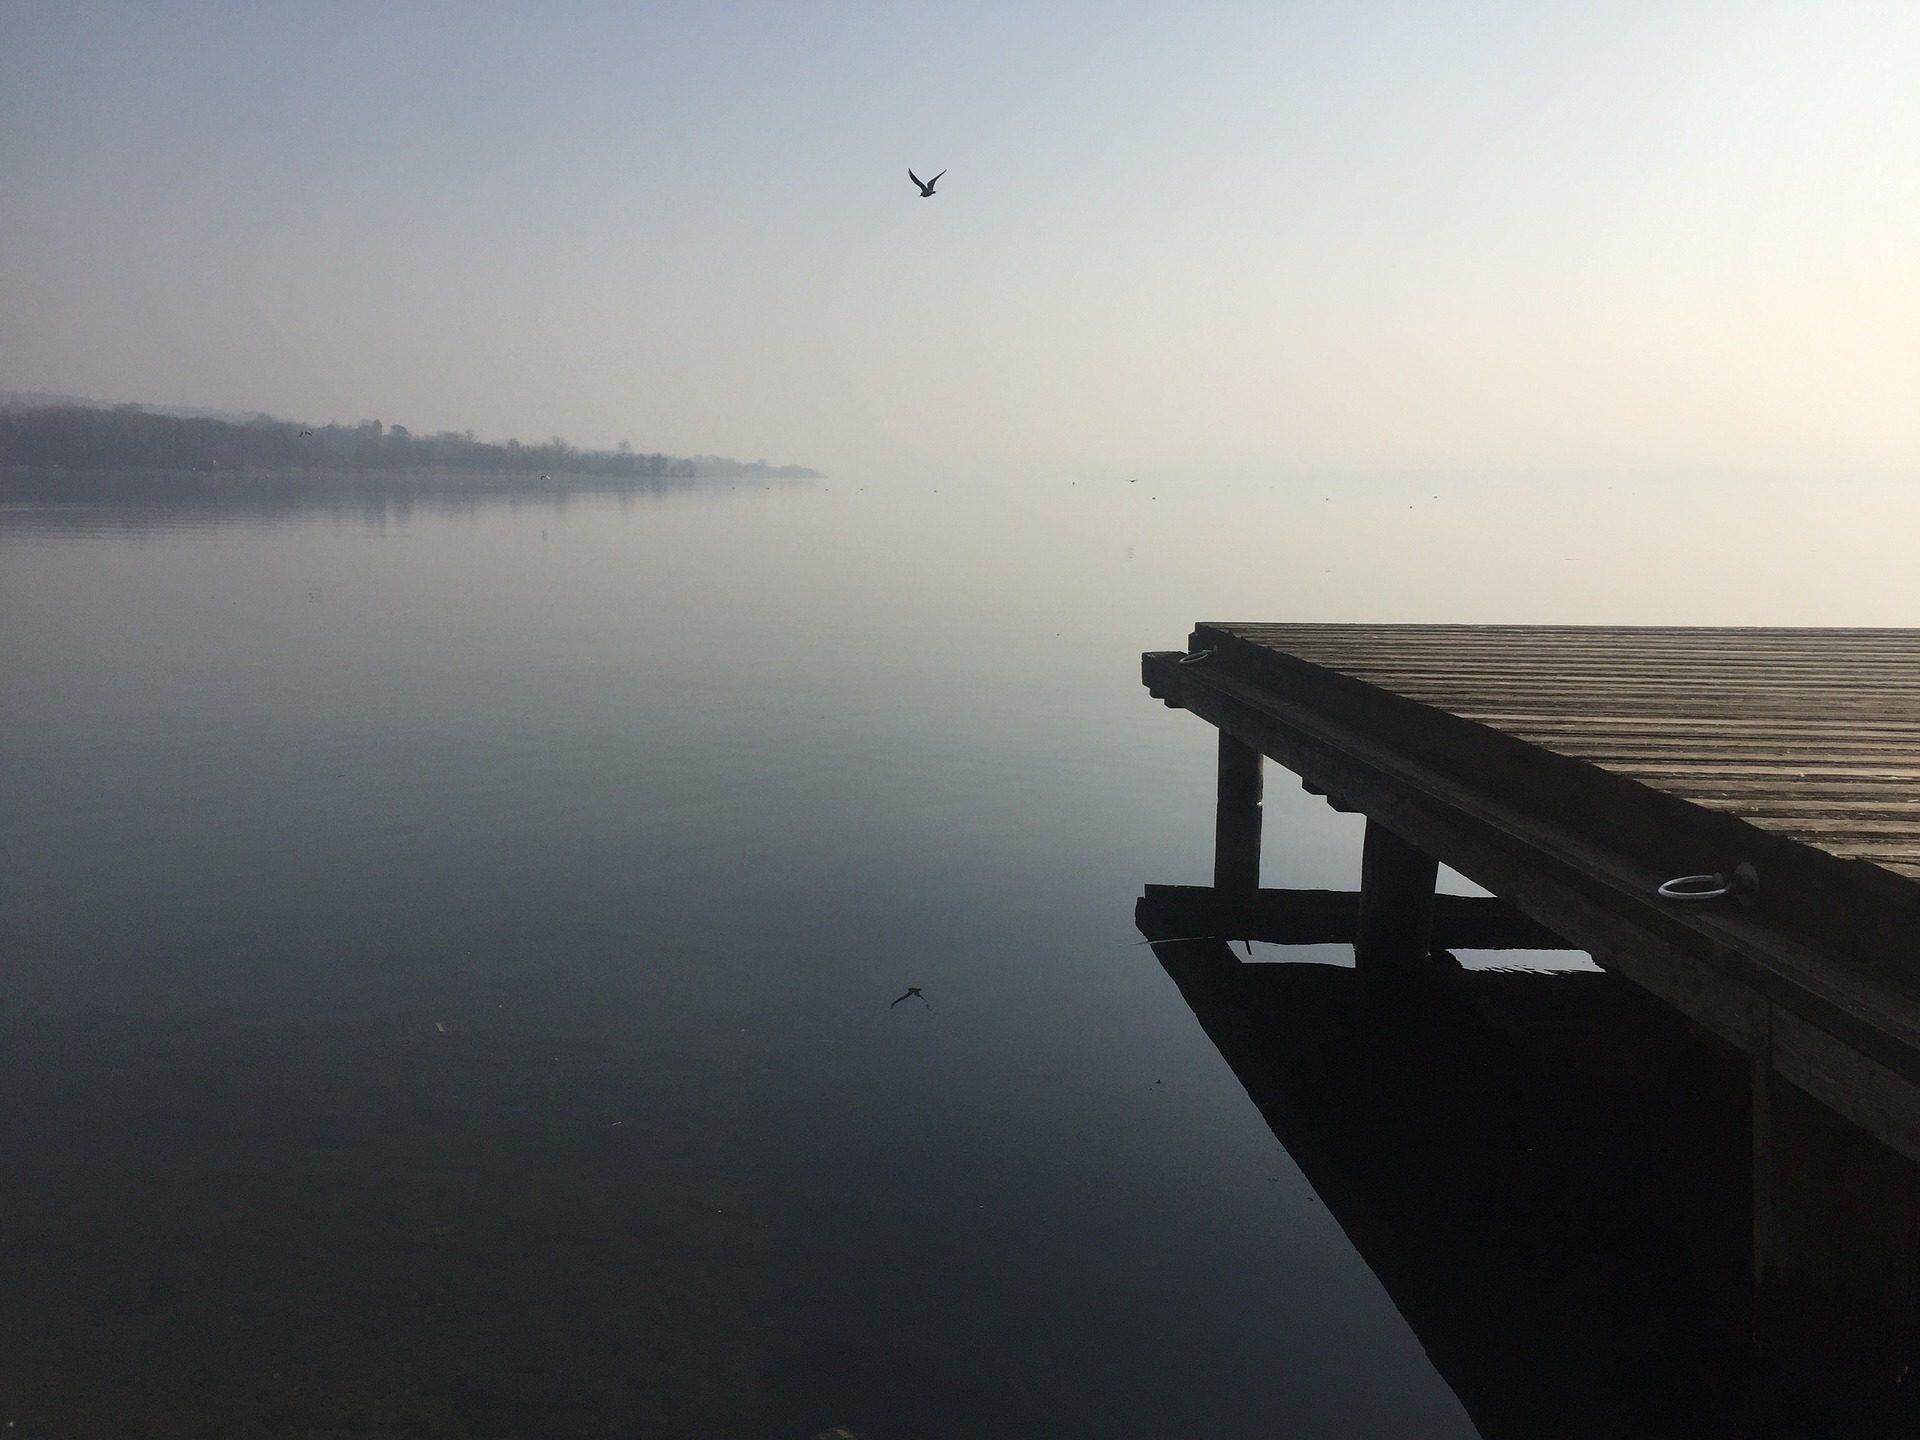 झील, शांत हो, वसंत, embarcadero, Seagull, प्रतिबिंब, कोहरा - HD वॉलपेपर - प्रोफेसर-falken.com